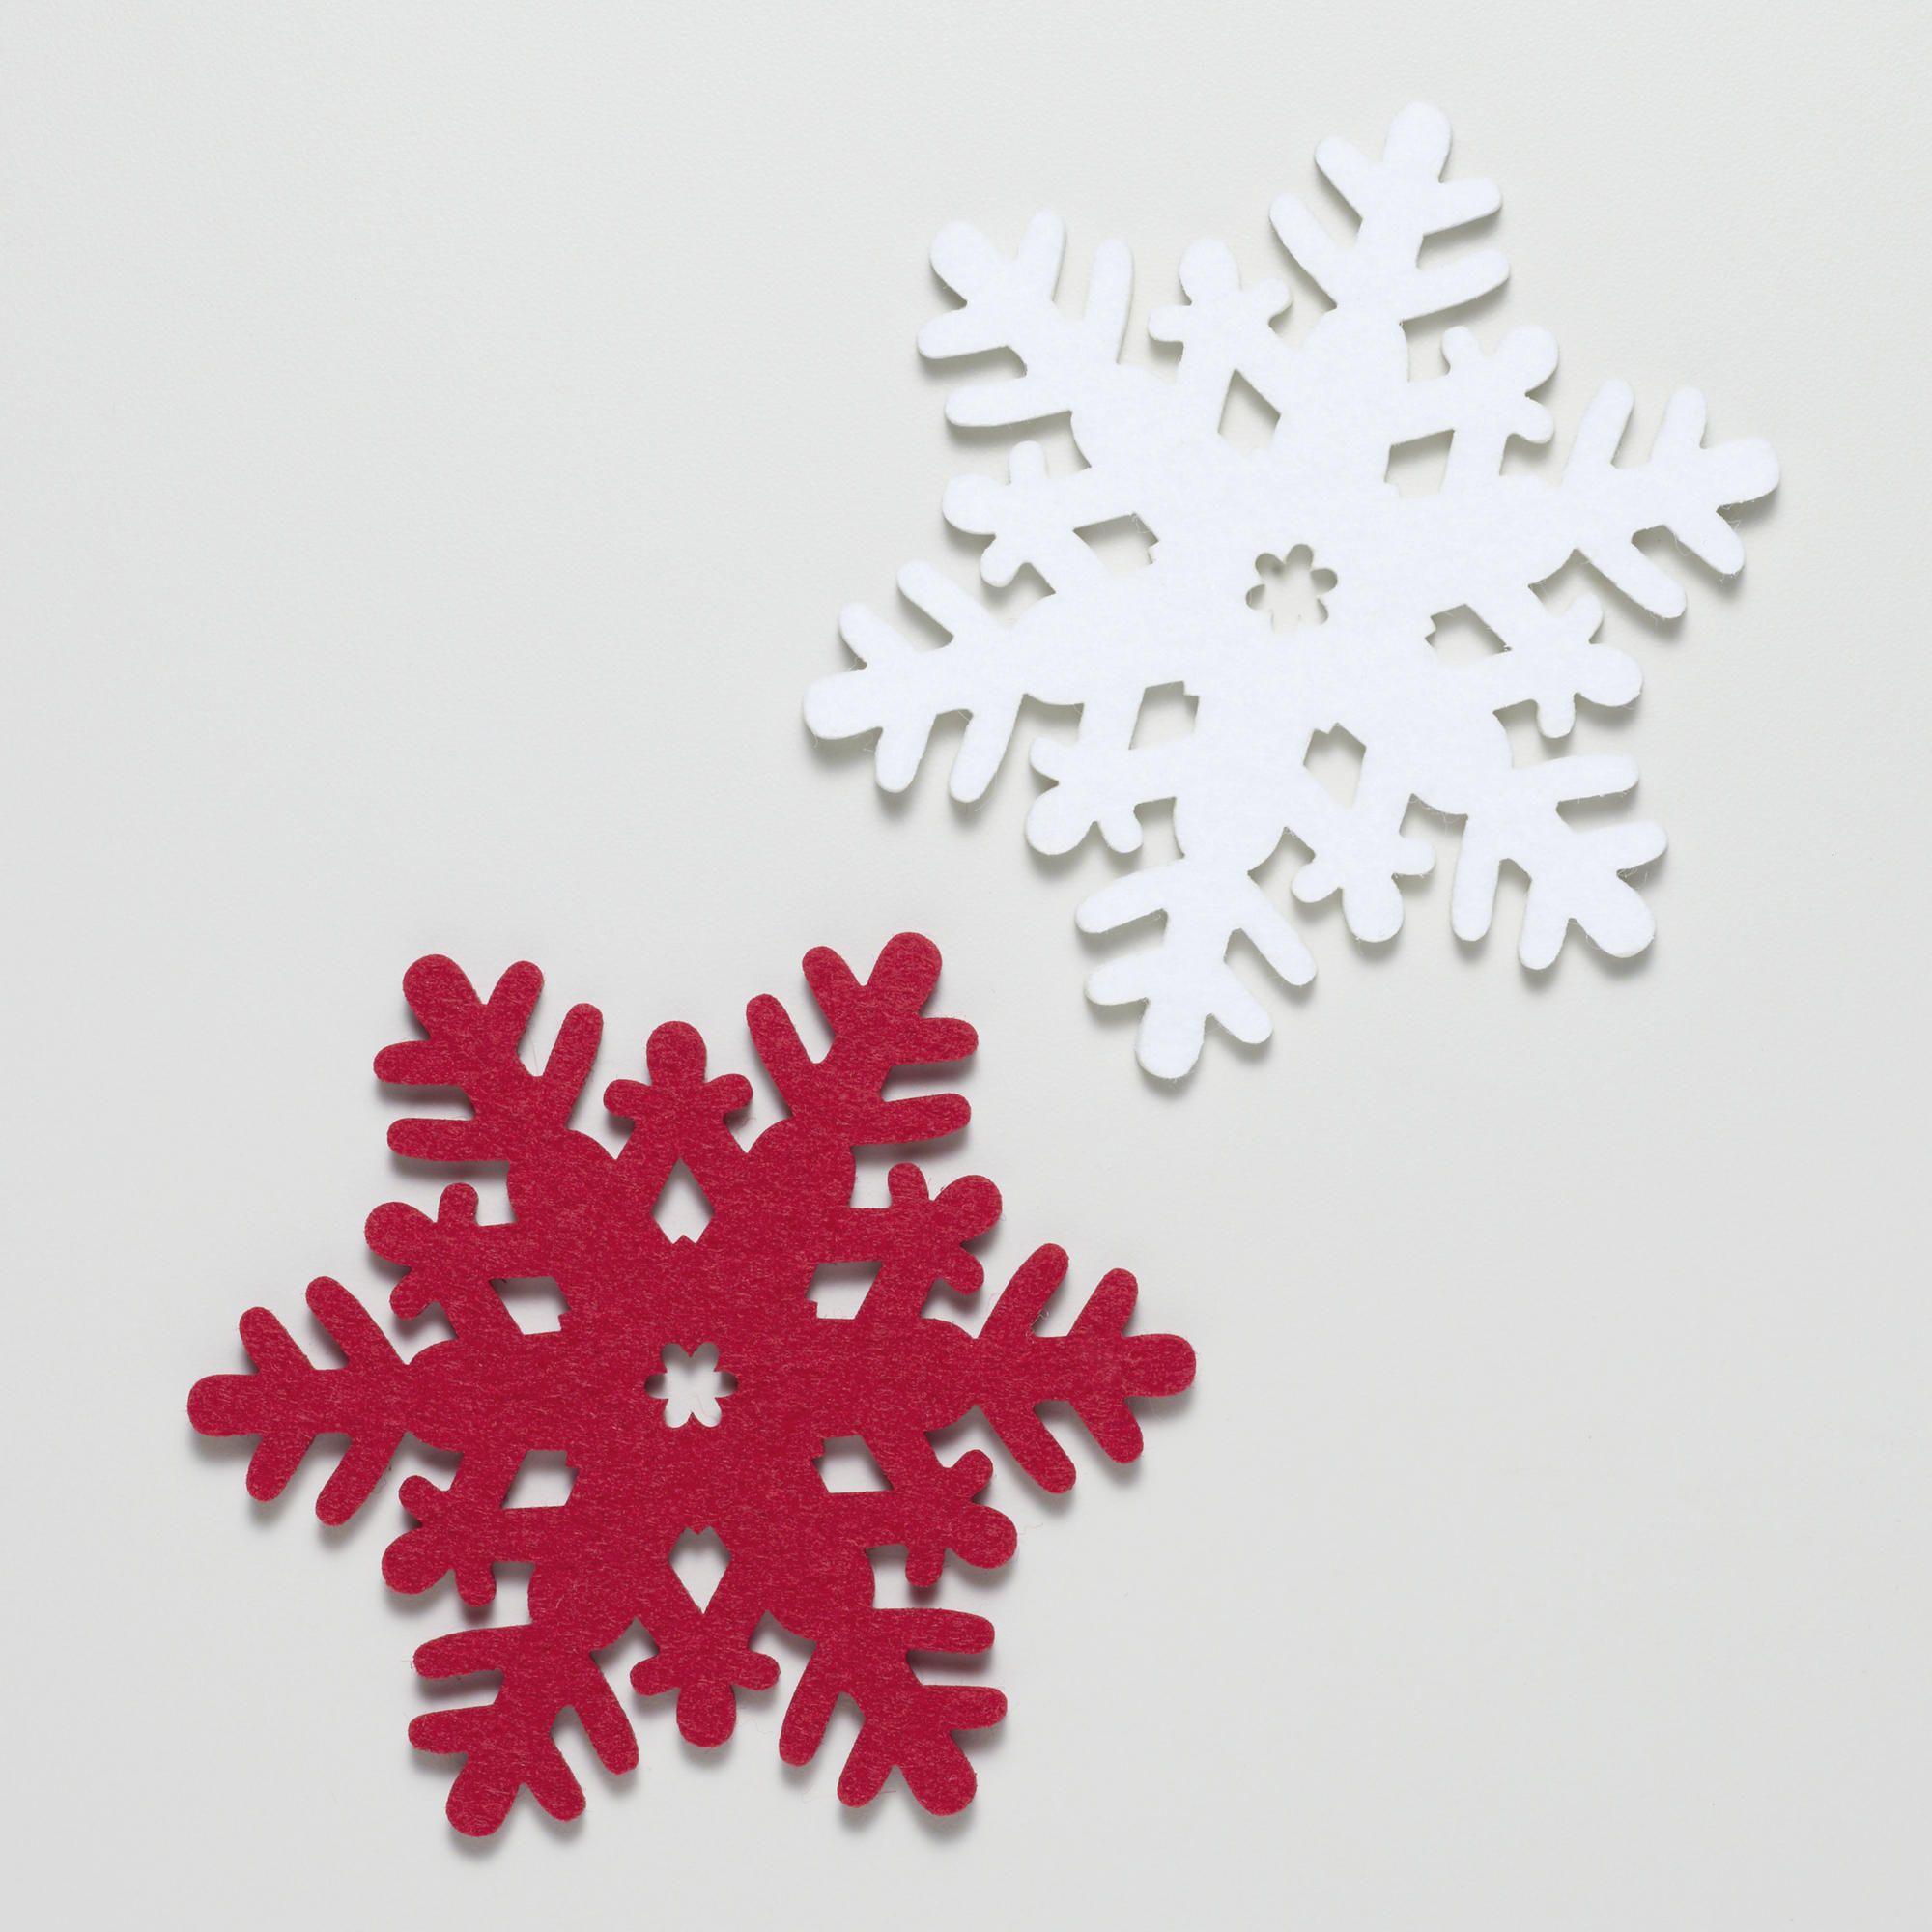 Felt Coaster Snowflakes Set Of 6 World Market Holiday Entertaining Christmas Felt Coasters Christmas Placemats